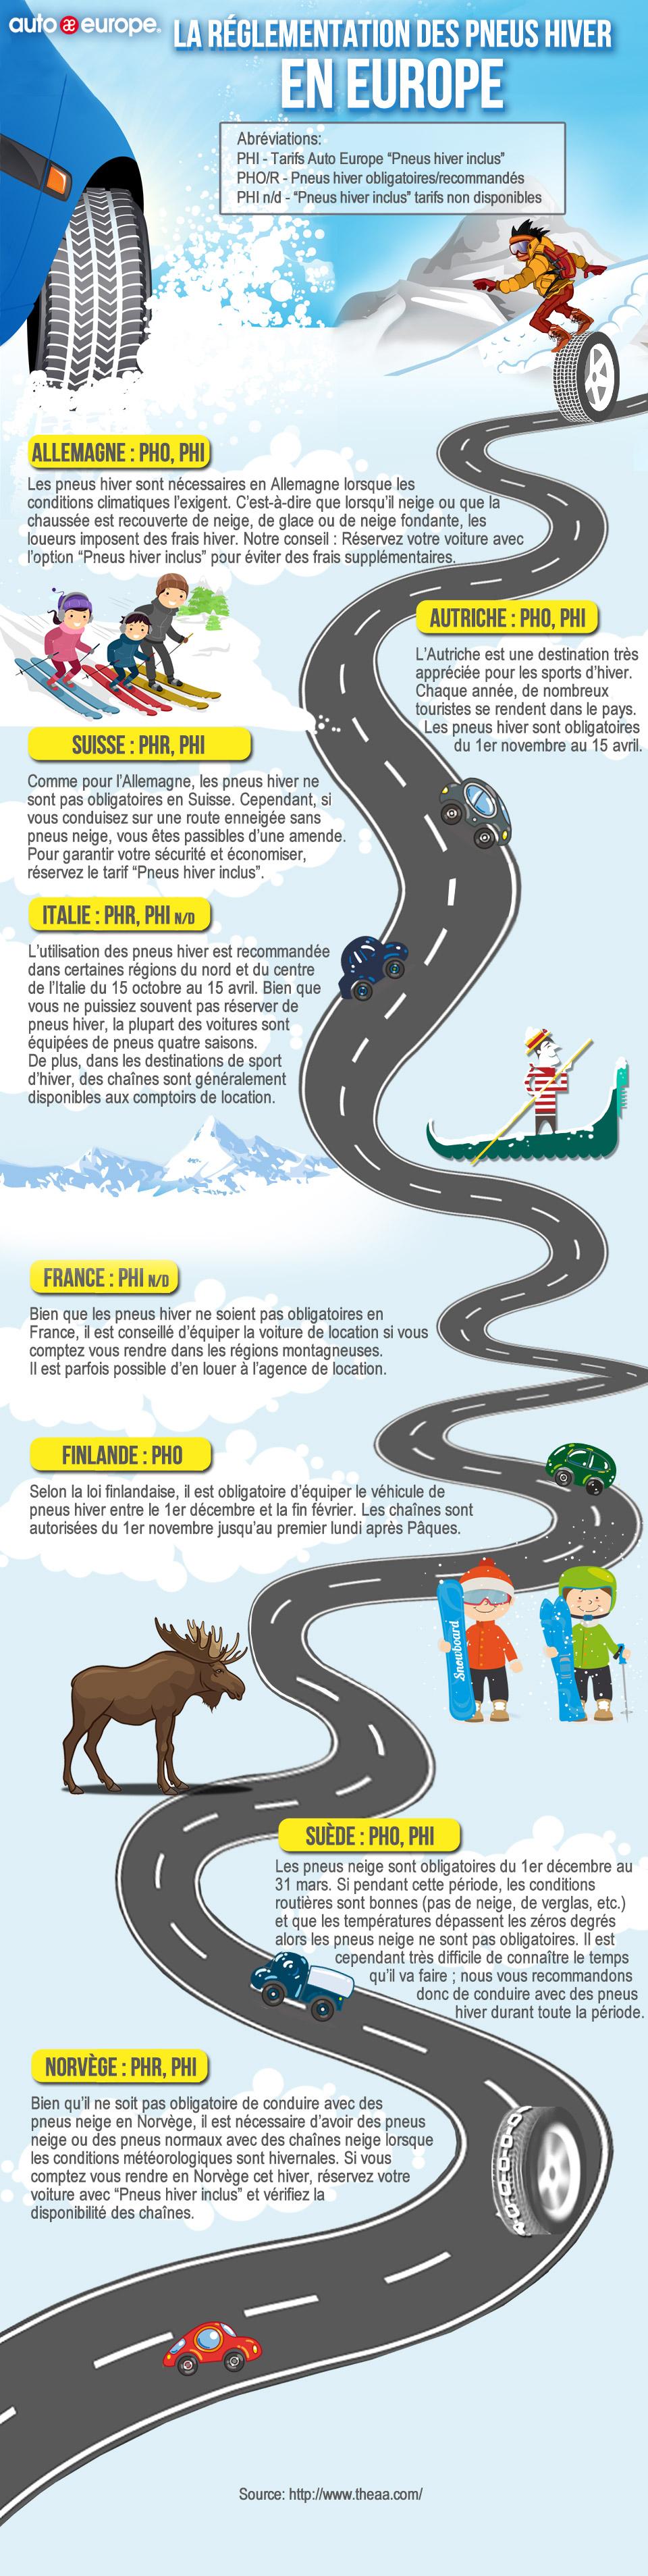 Règle des pneus hiver en Europe